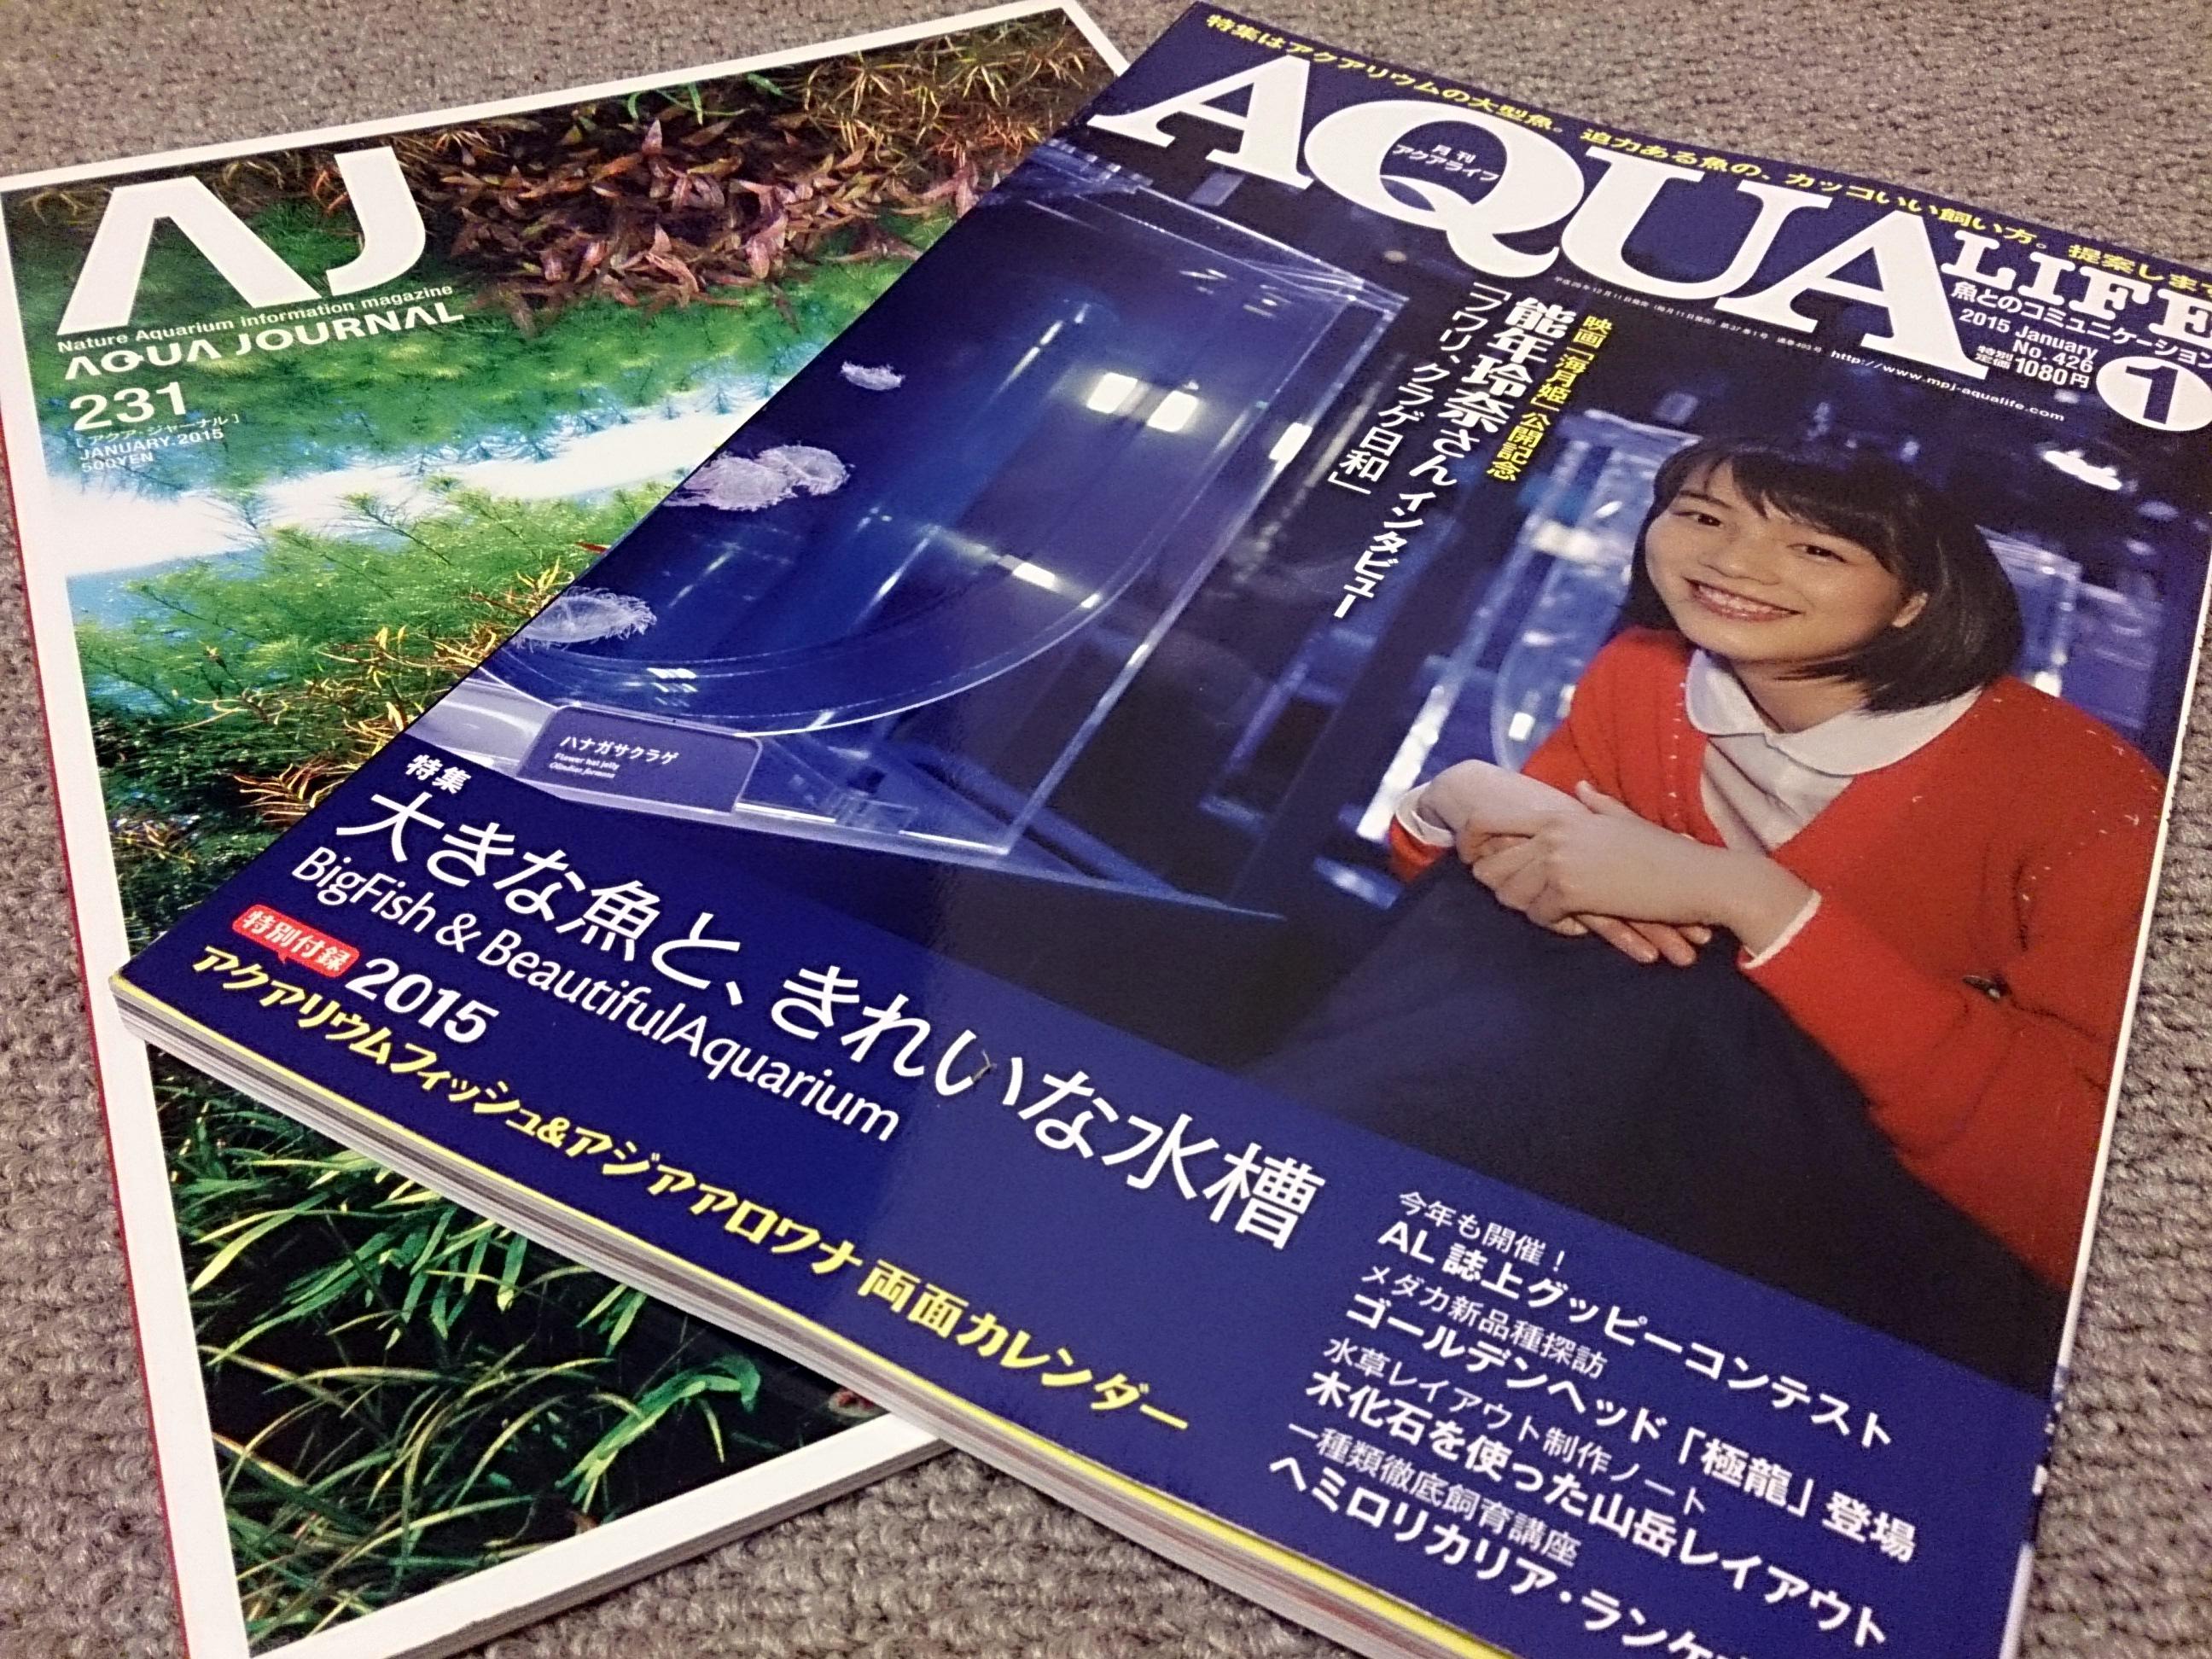 Omiya_20141214-01.jpg